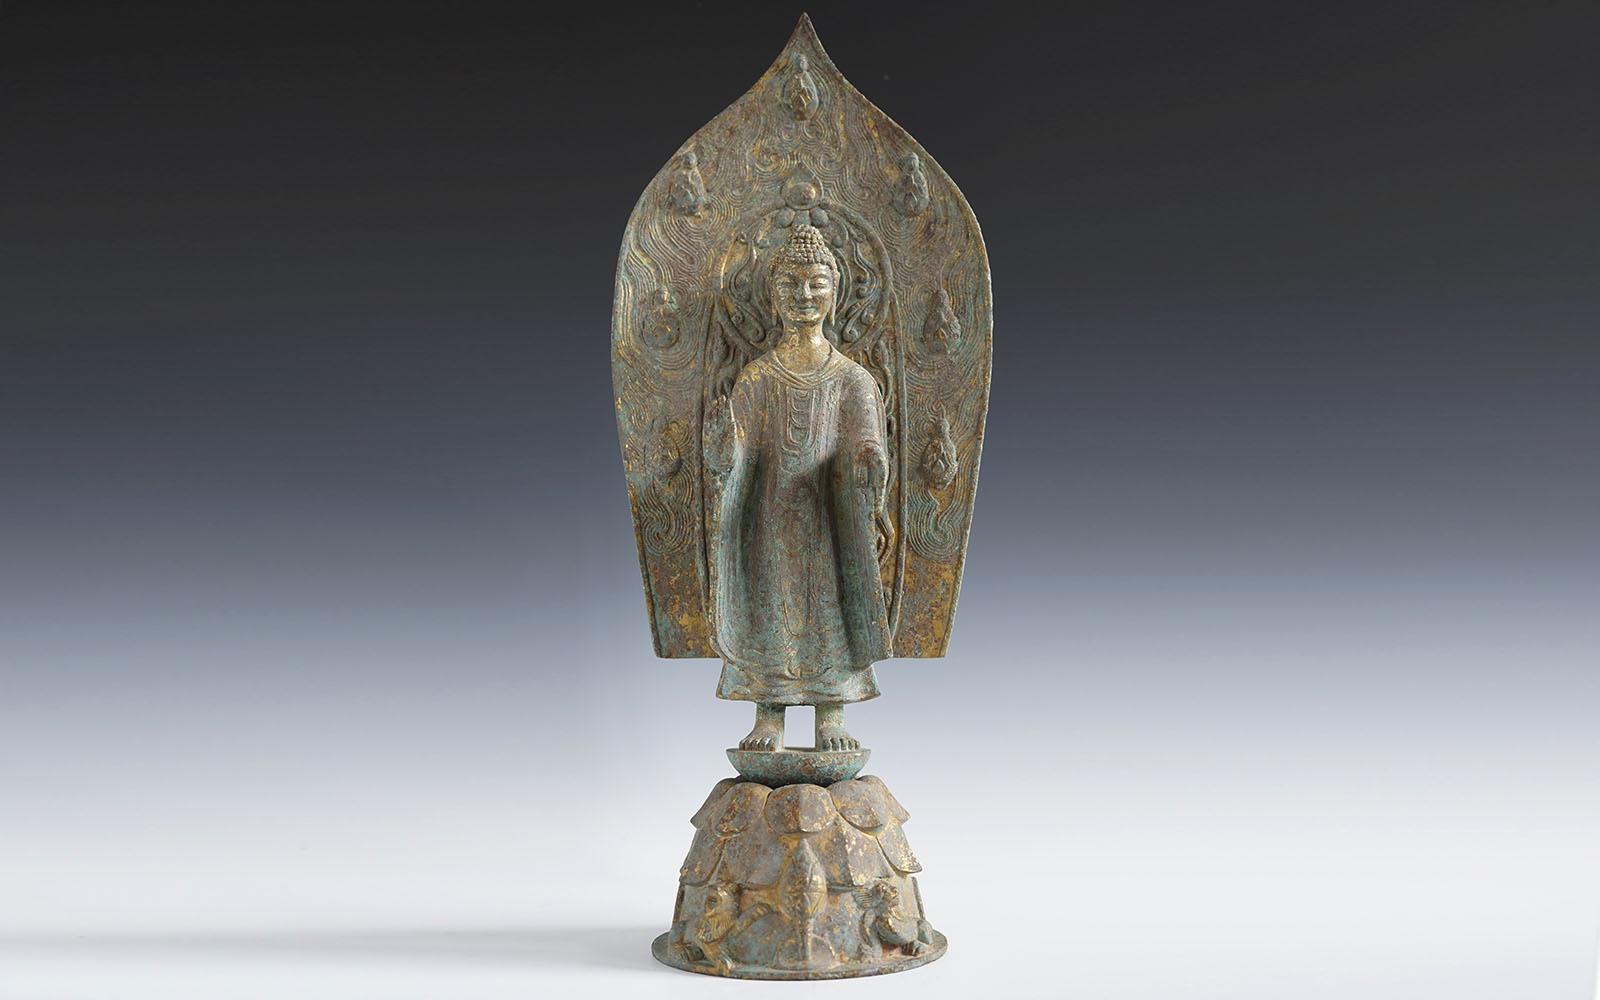 北魏 銅鎏金立佛 Gilt-bronze standing Buddha, Northern Wei (386-534 CE), h46cm